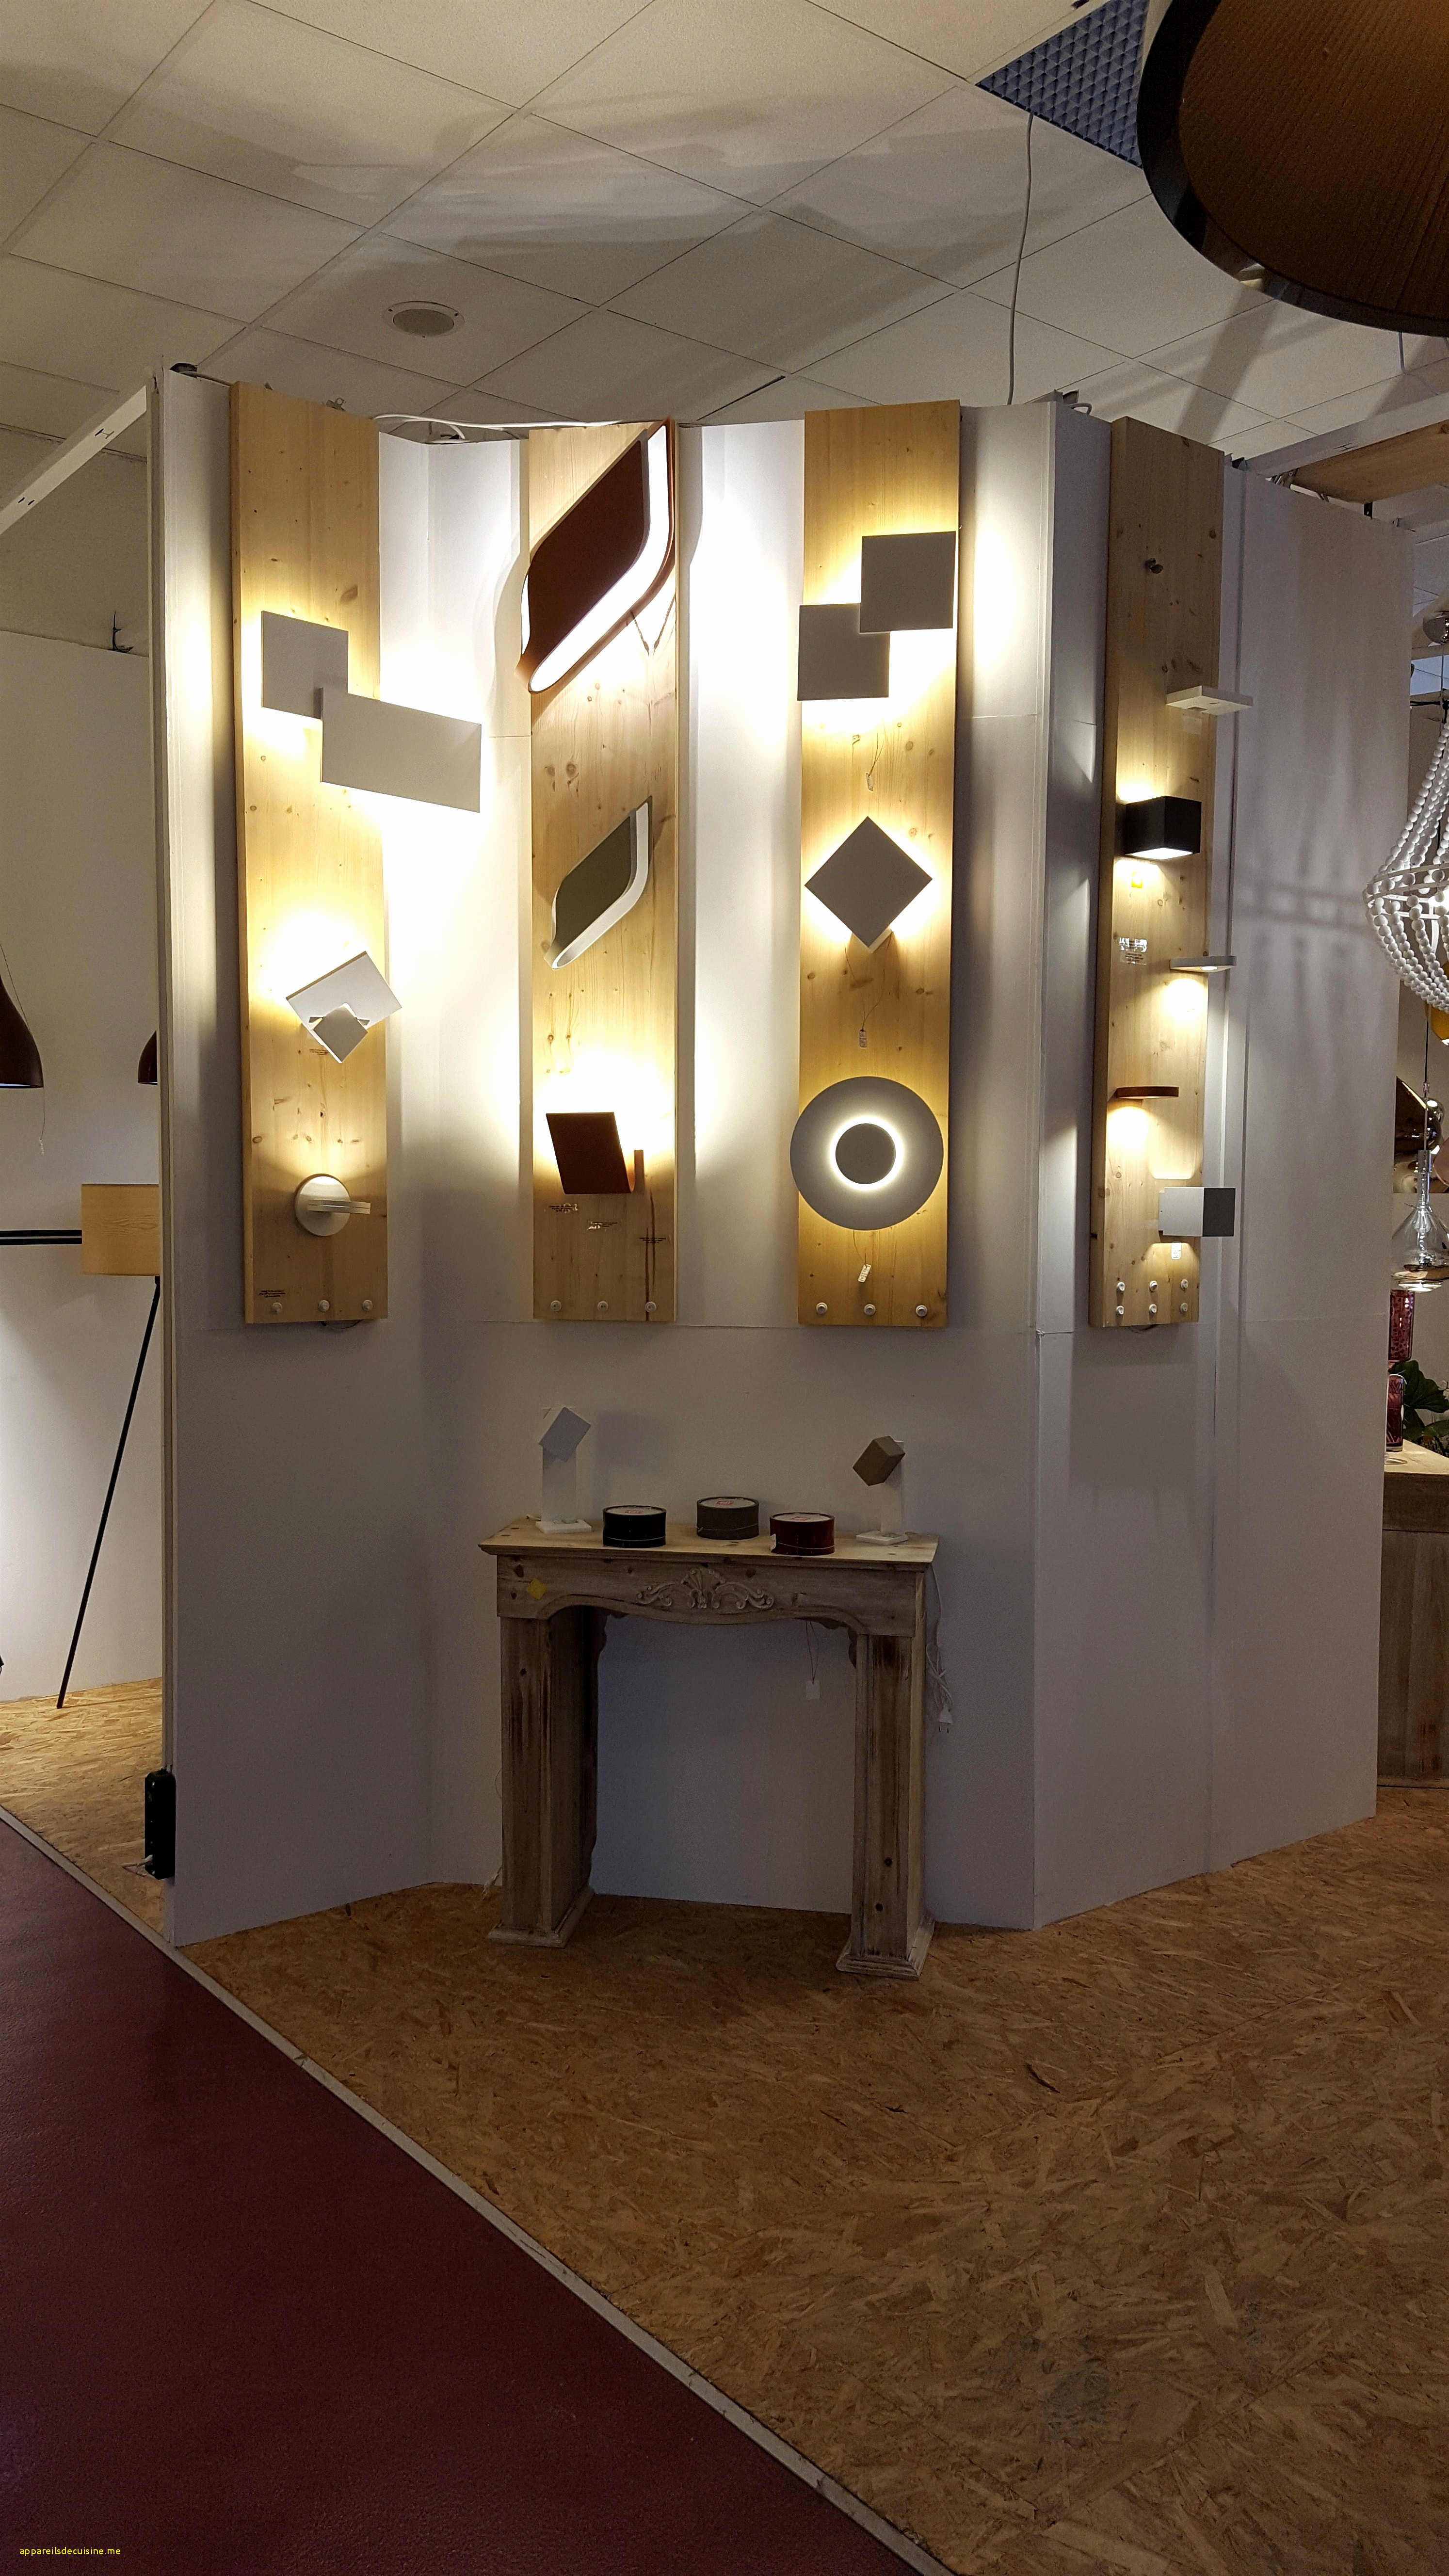 Lustre De Cuisine Pas Cher Luxe Galerie Luminaire Exterieur Industriel Mod¨le – Sullivanmaxx